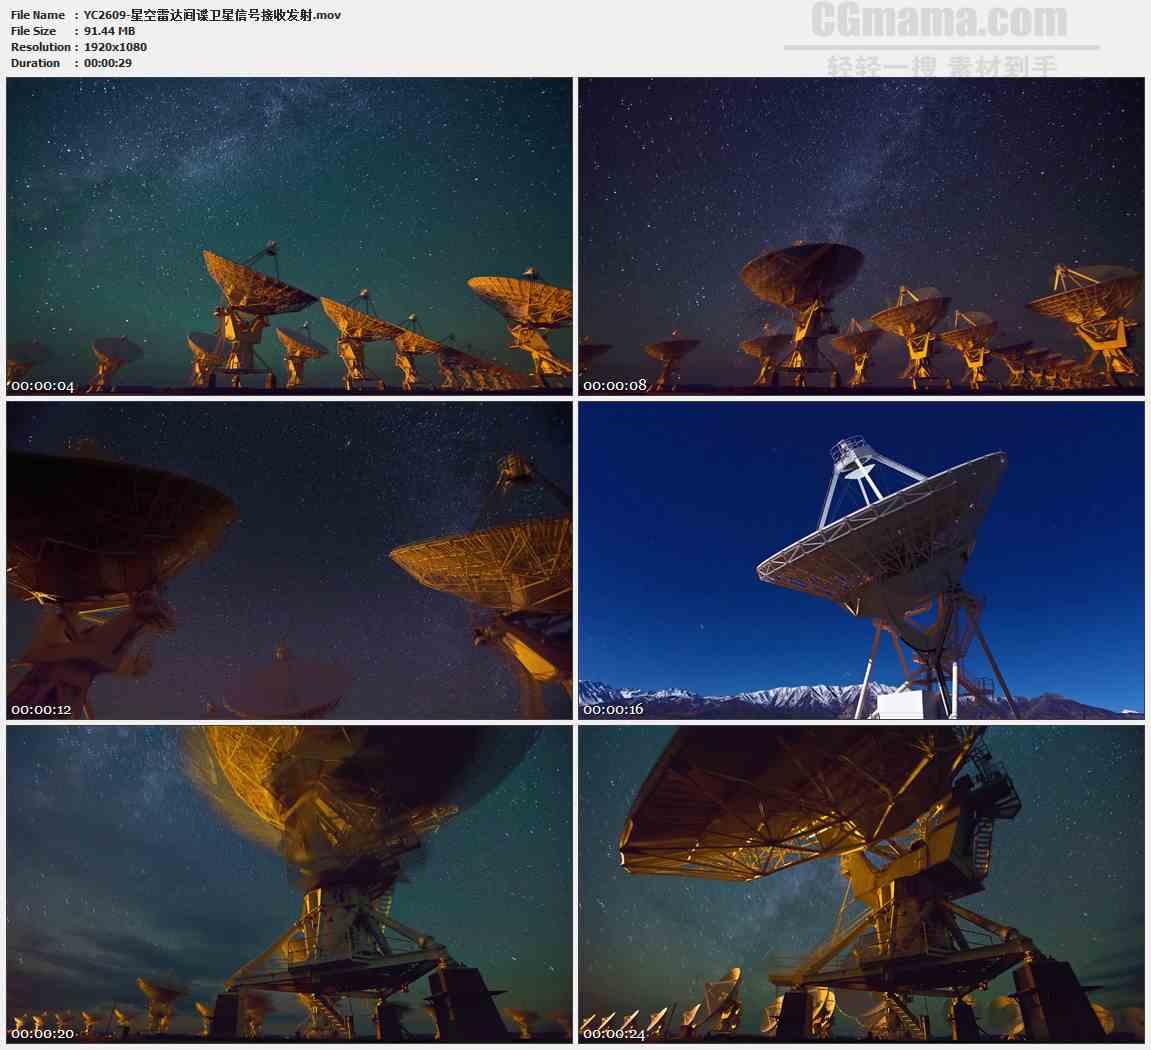 YC2609-星空雷达间谍卫星信号接收发射高清实拍视频素材